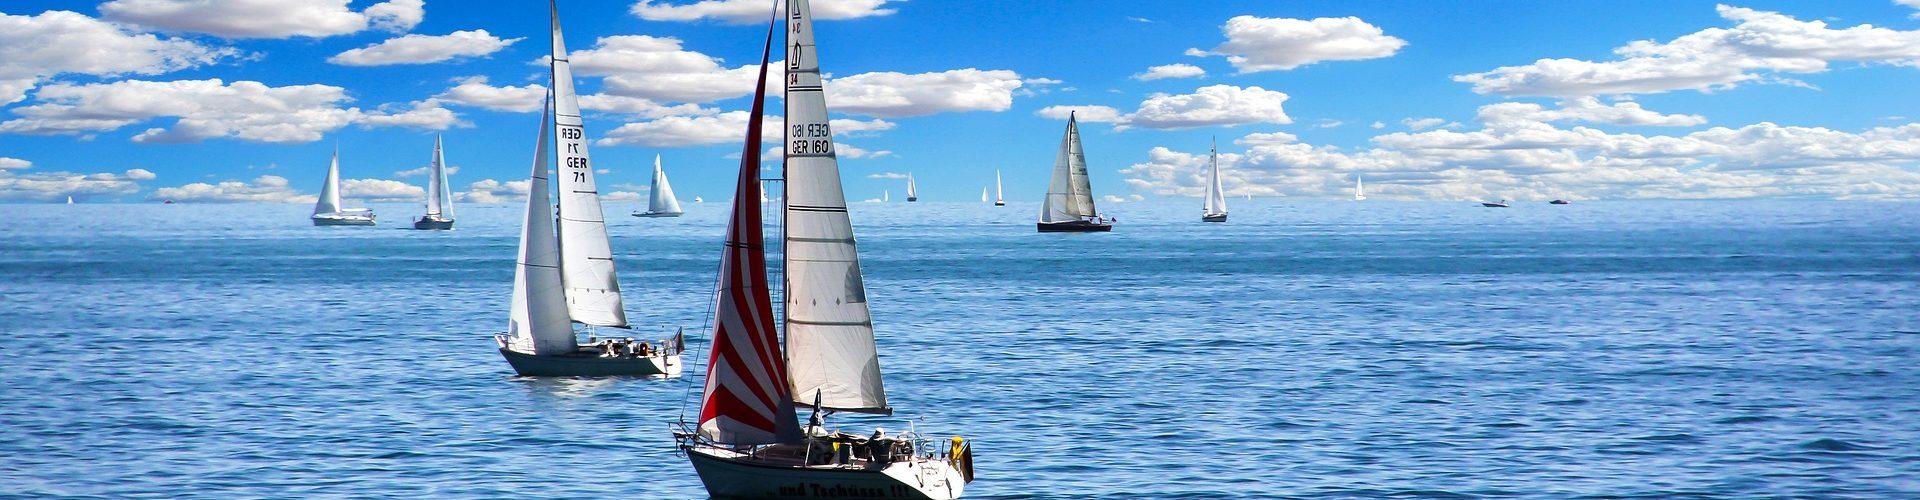 segeln lernen in Nagold segelschein machen in Nagold 1920x500 - Segeln lernen in Nagold